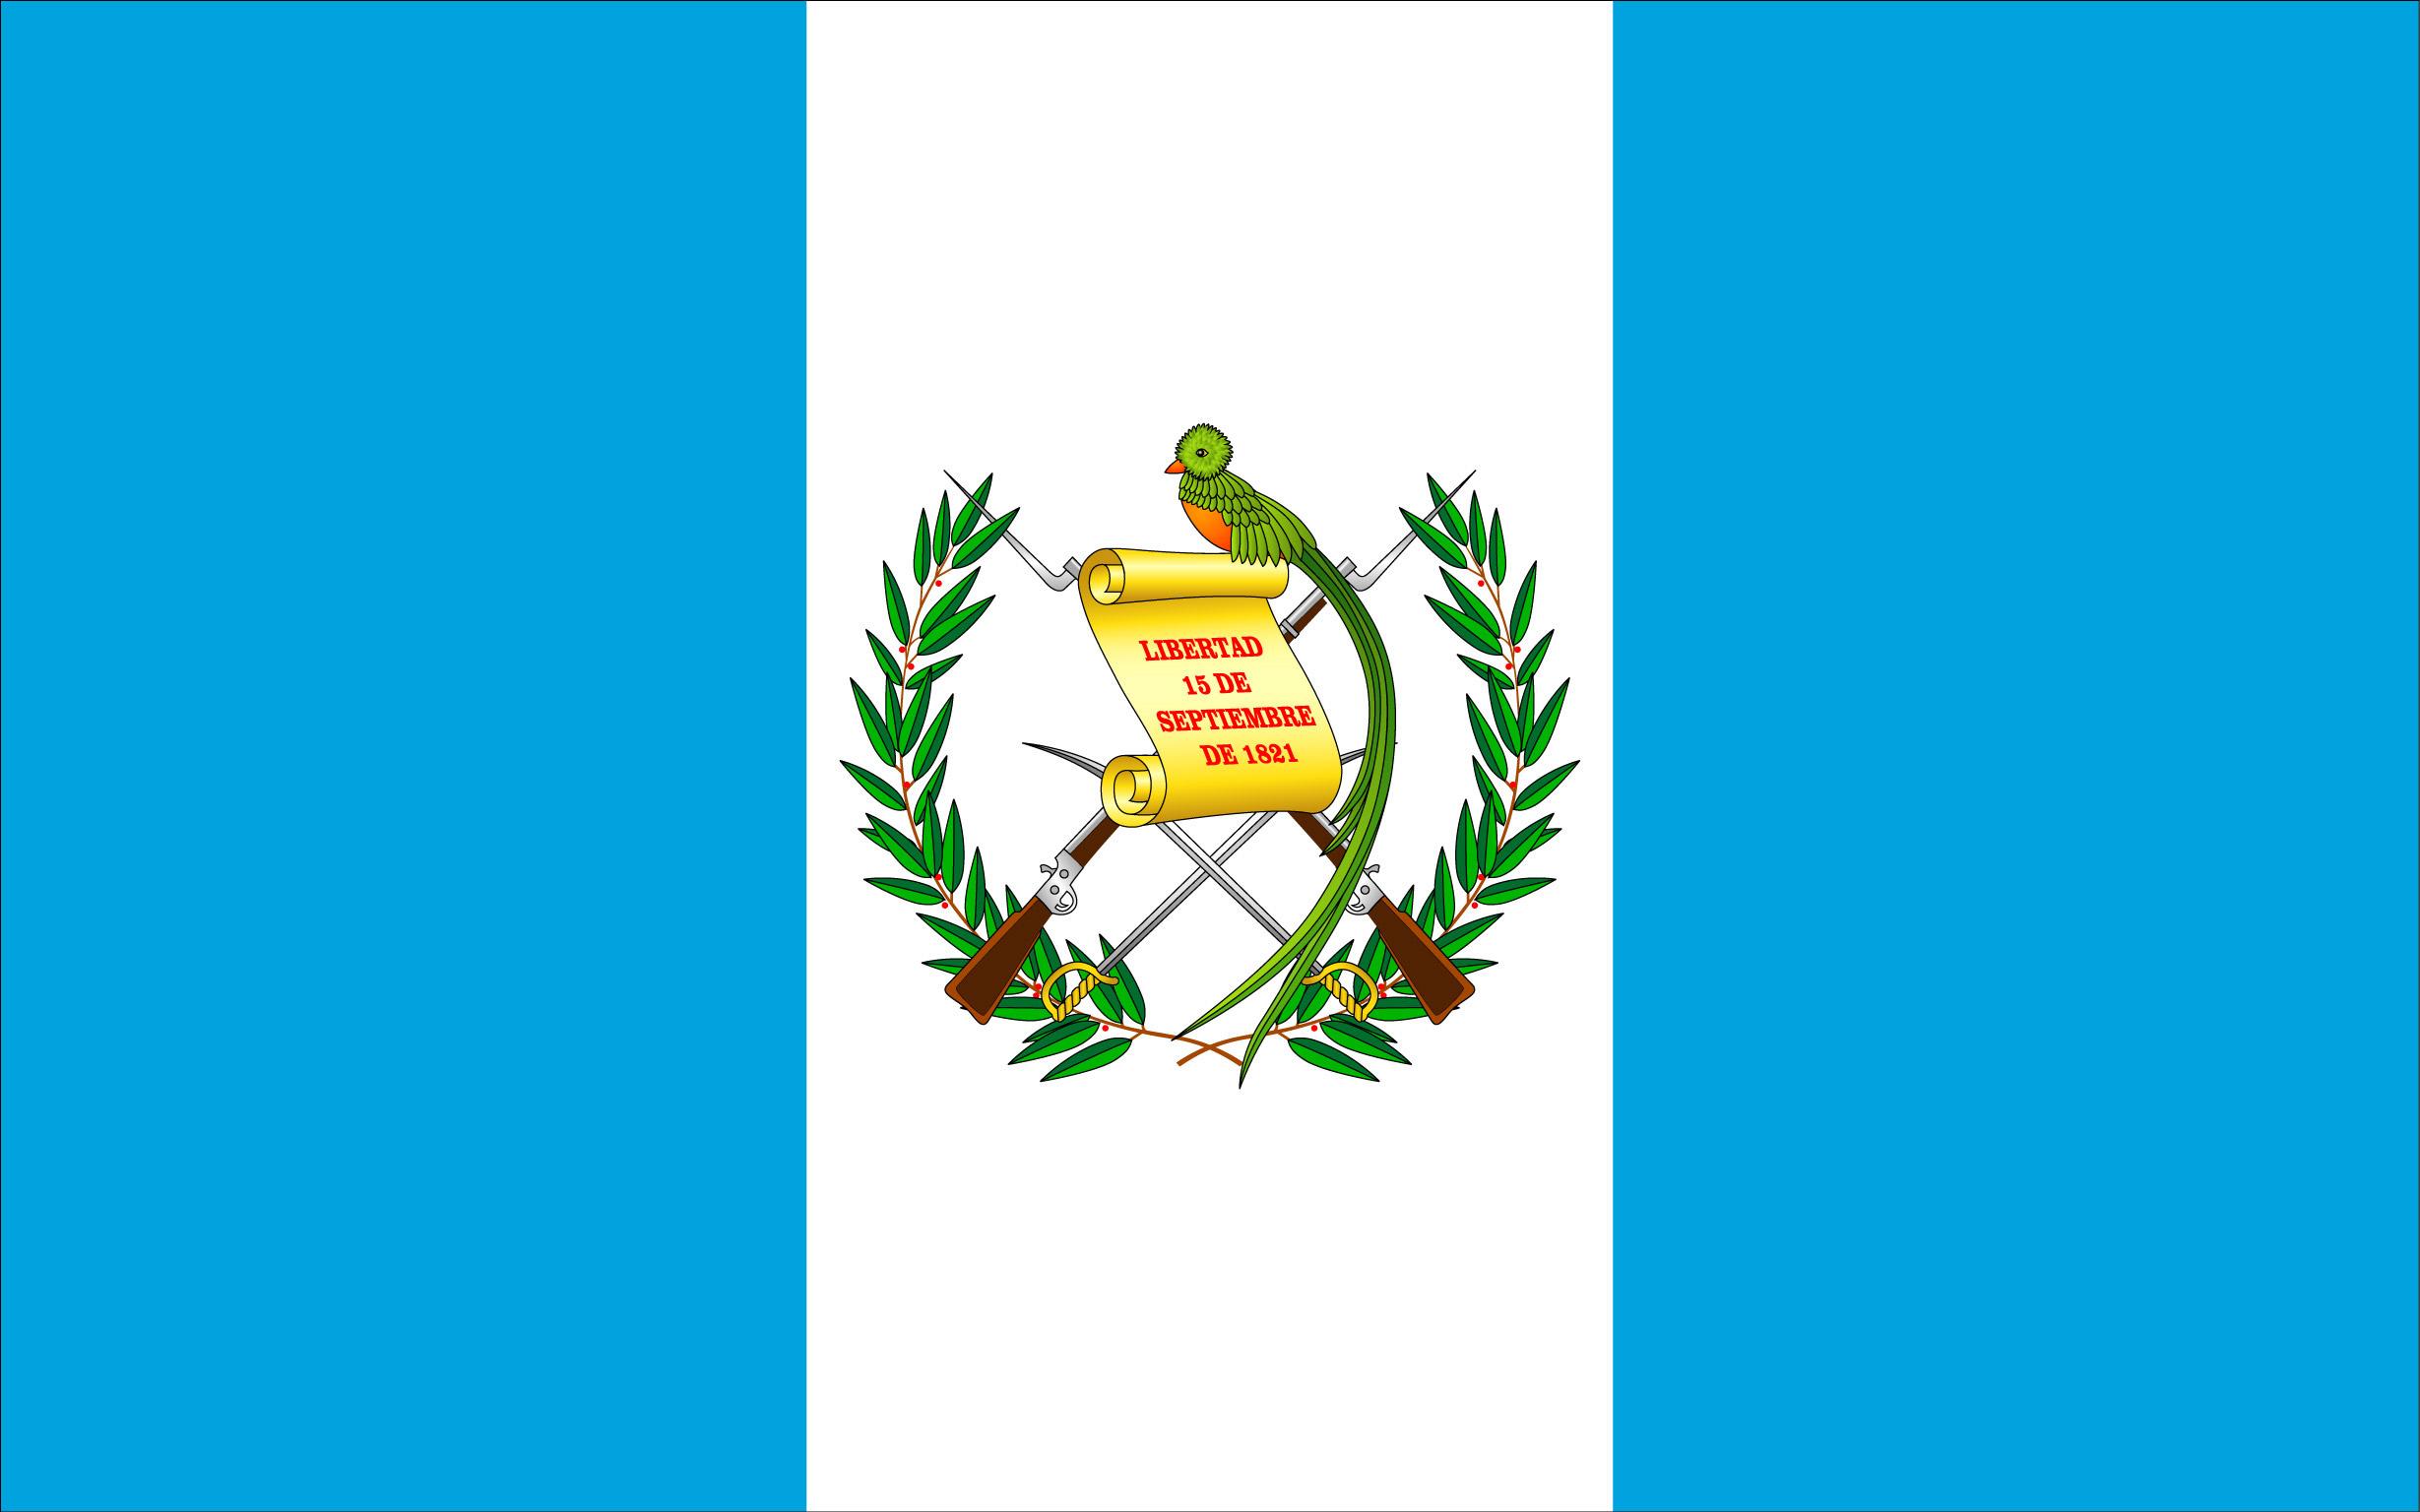 guatemala grunge flag by - photo #17